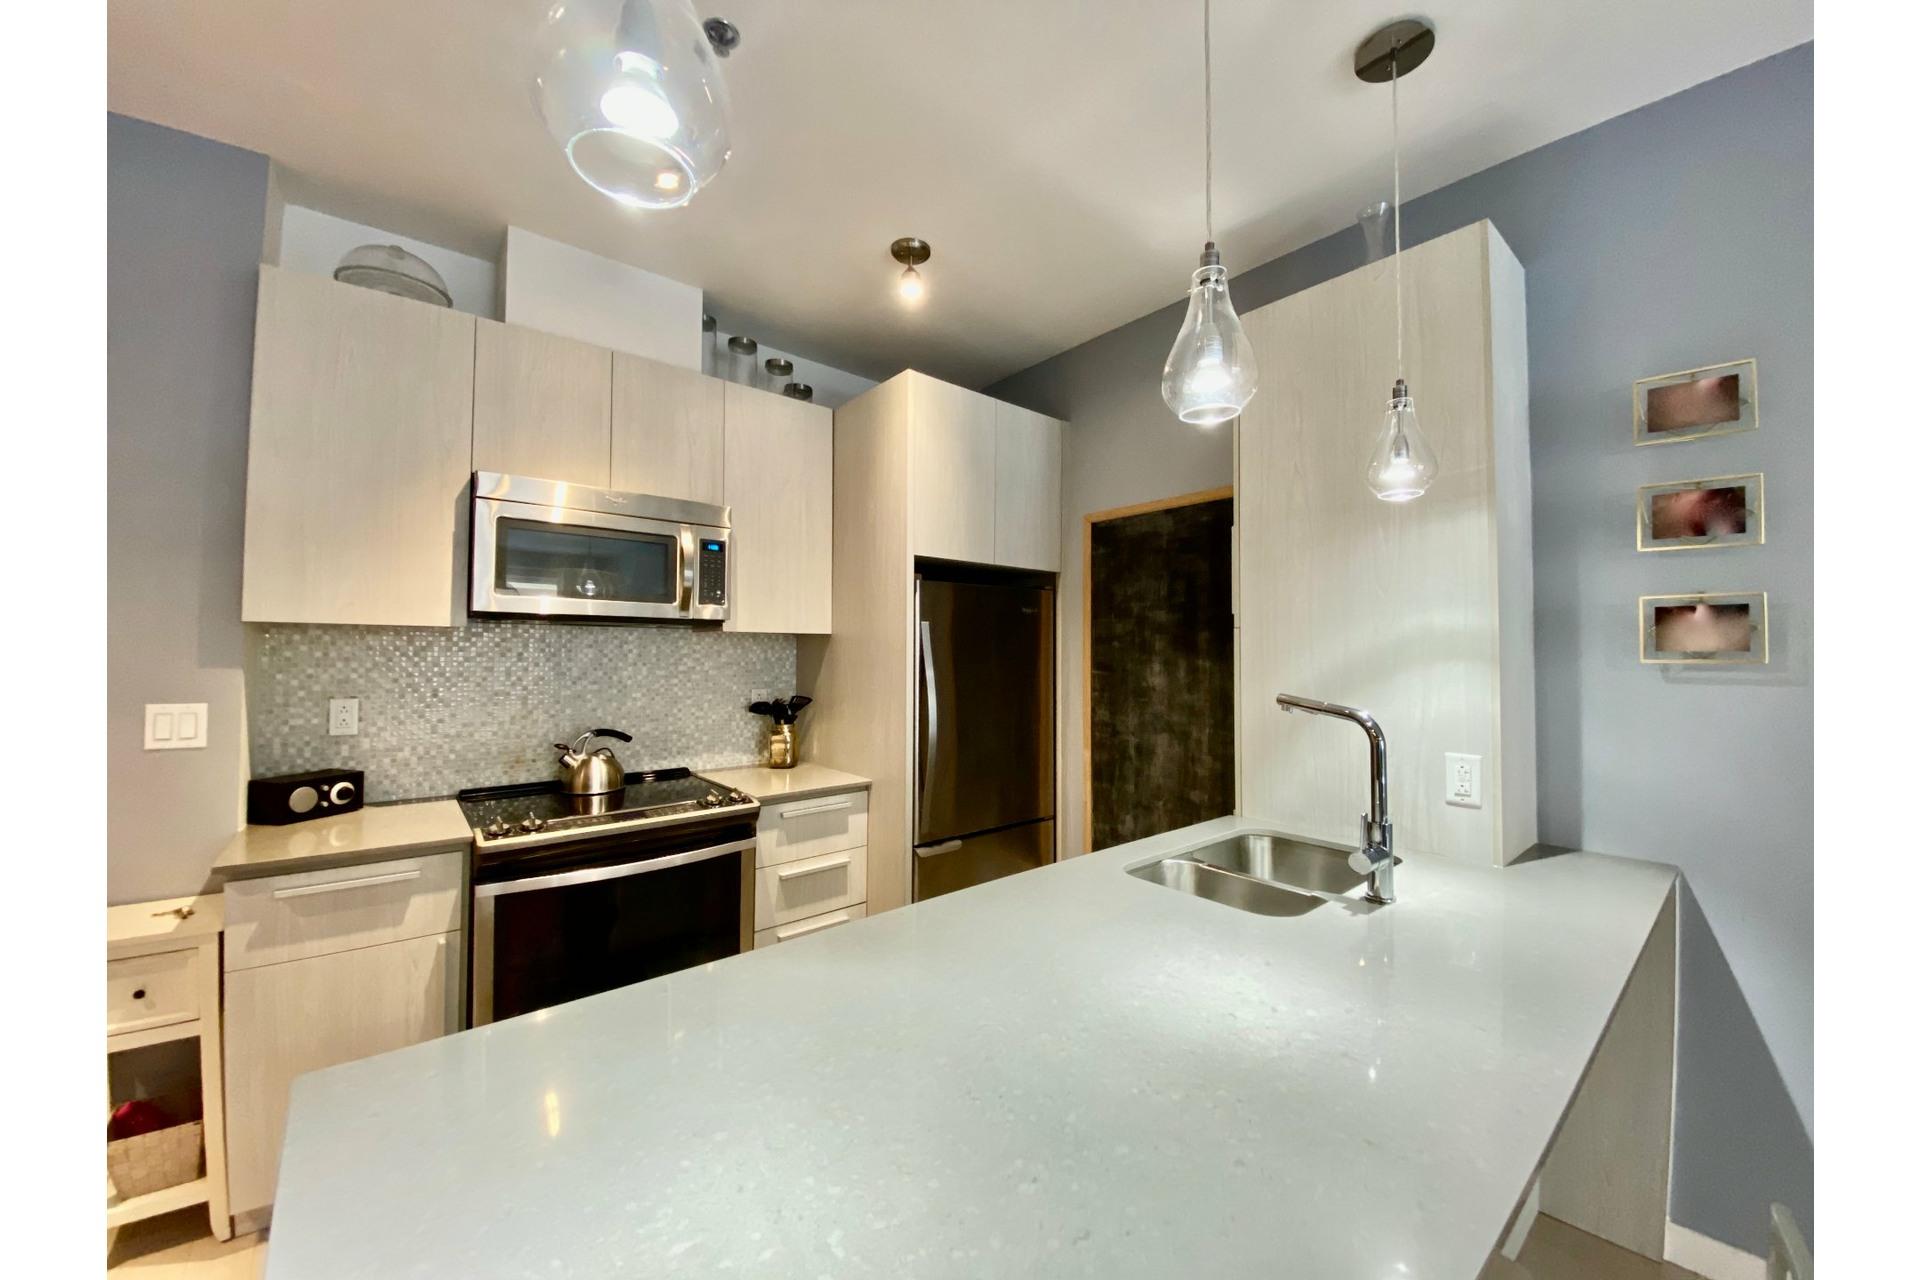 image 4 - Appartement À vendre Lachine Montréal  - 8 pièces